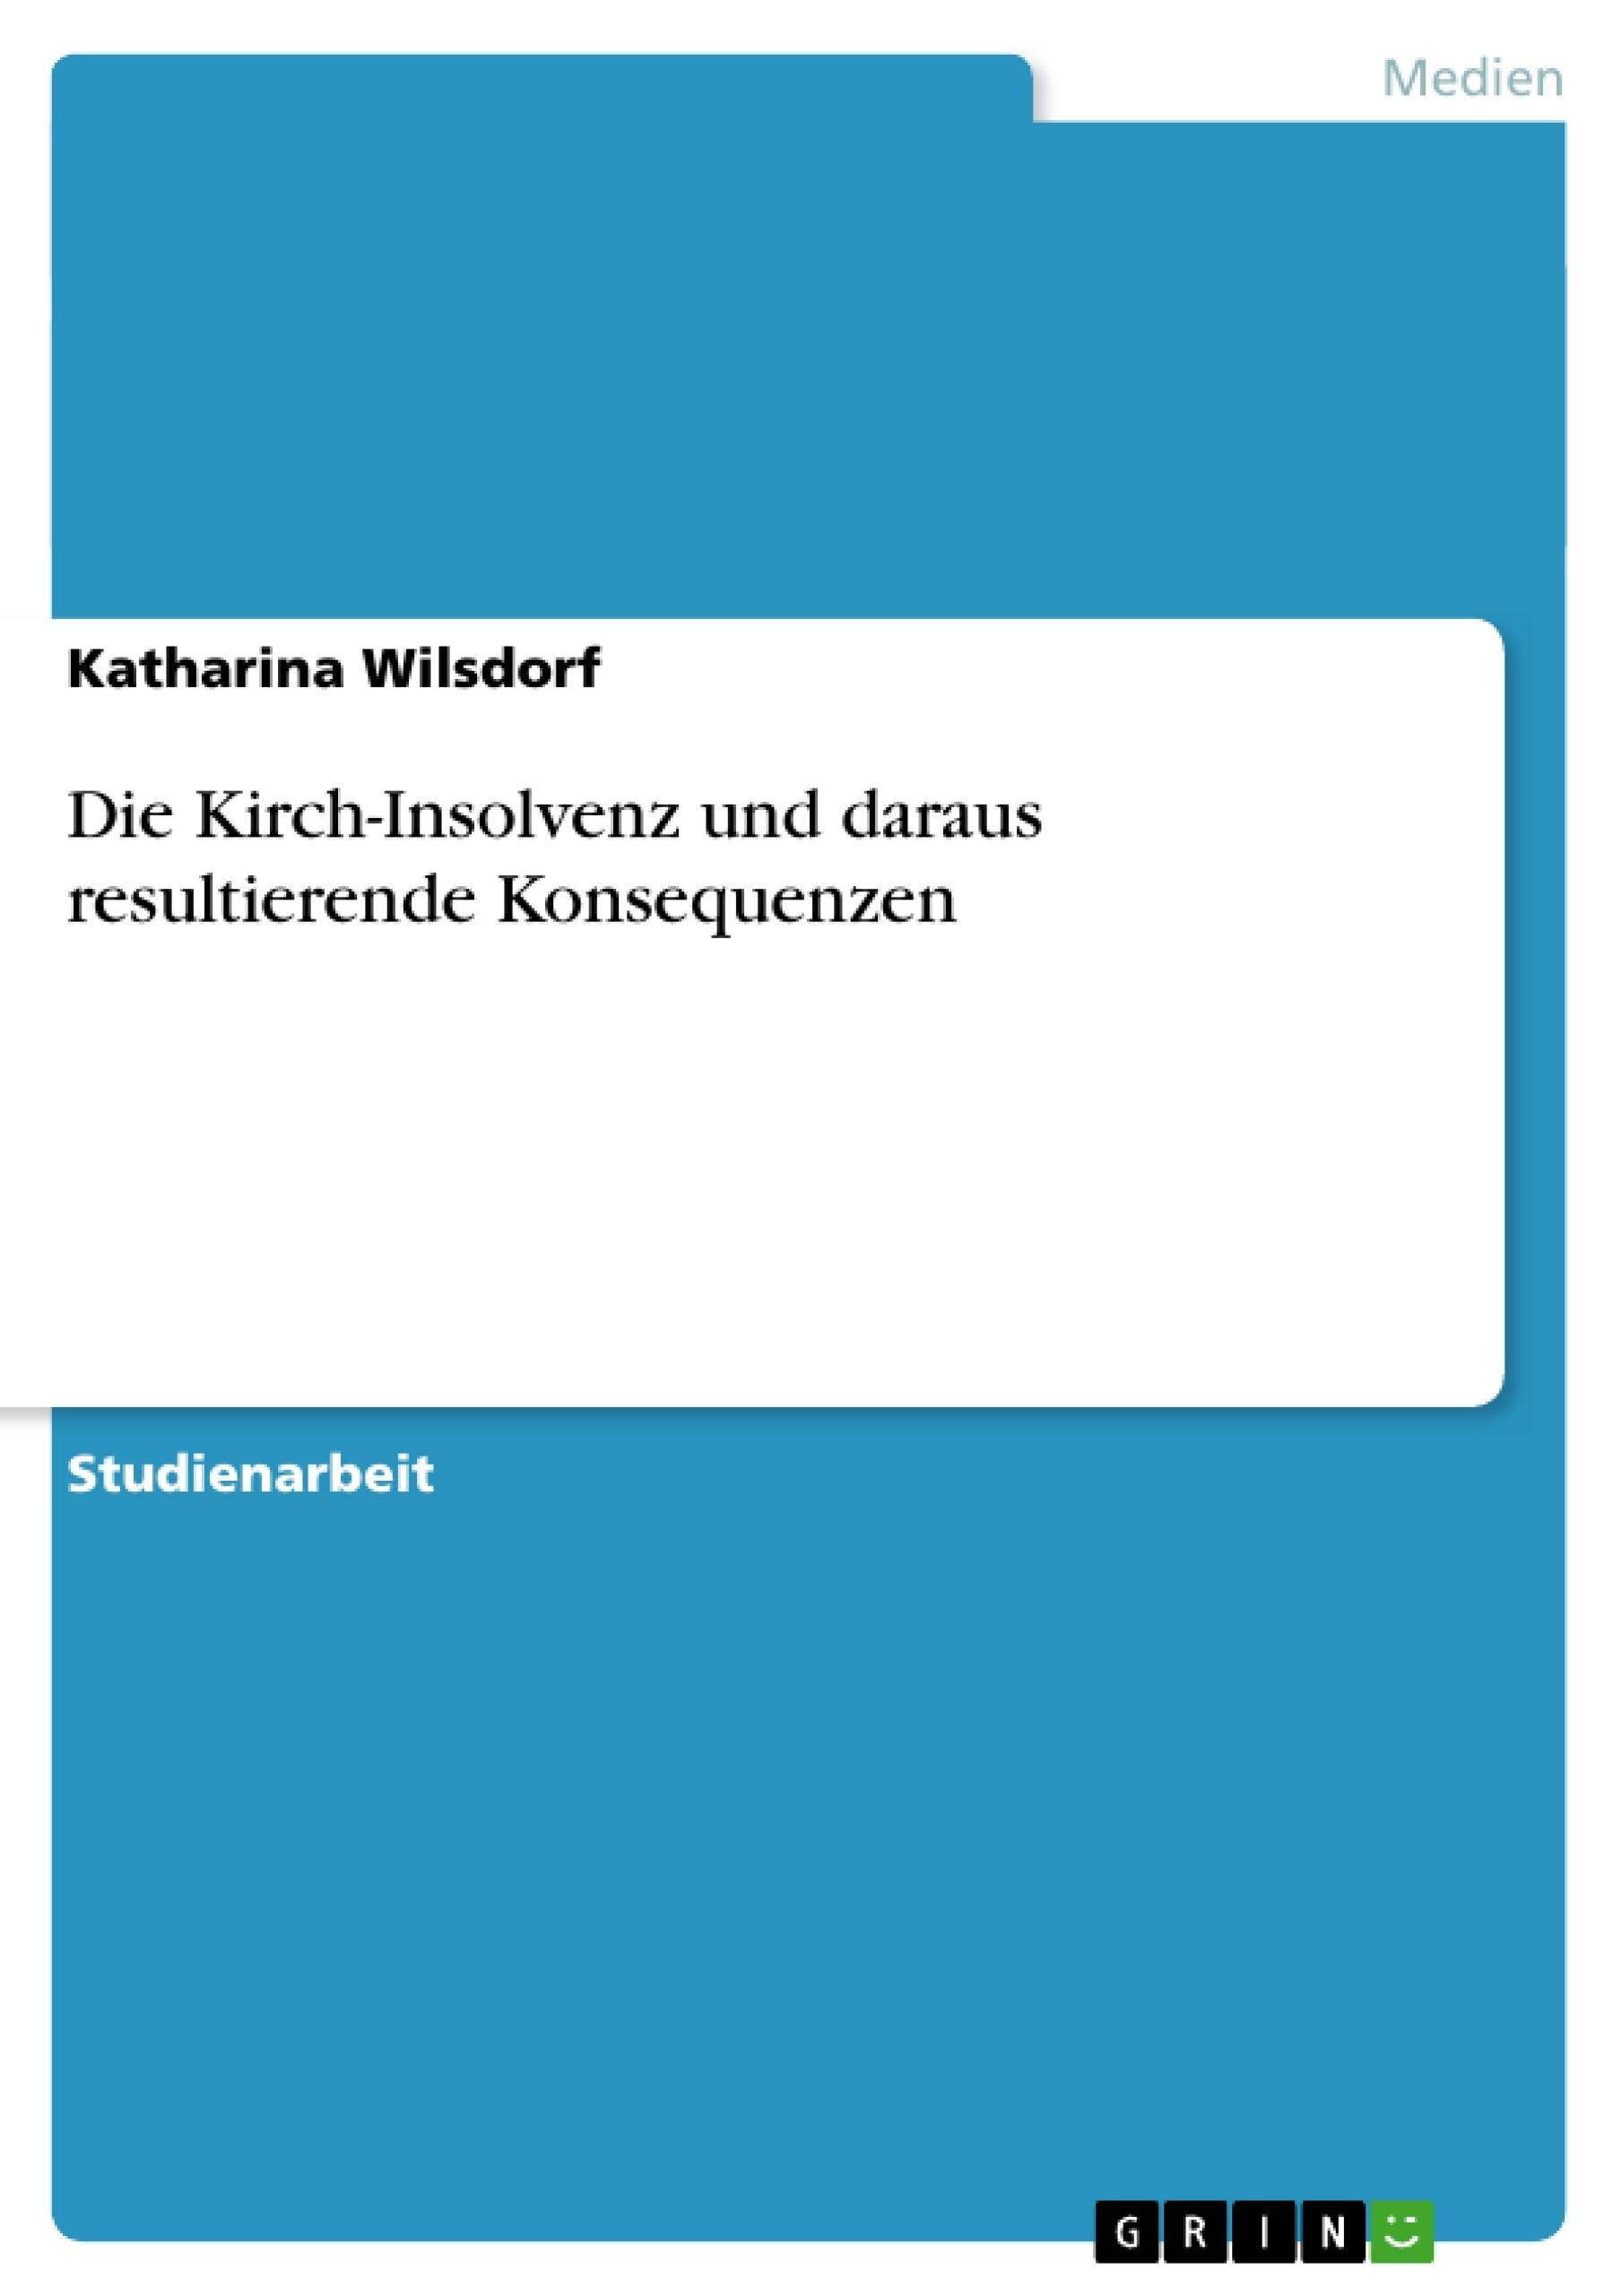 Titel: Die Kirch-Insolvenz und daraus resultierende Konsequenzen